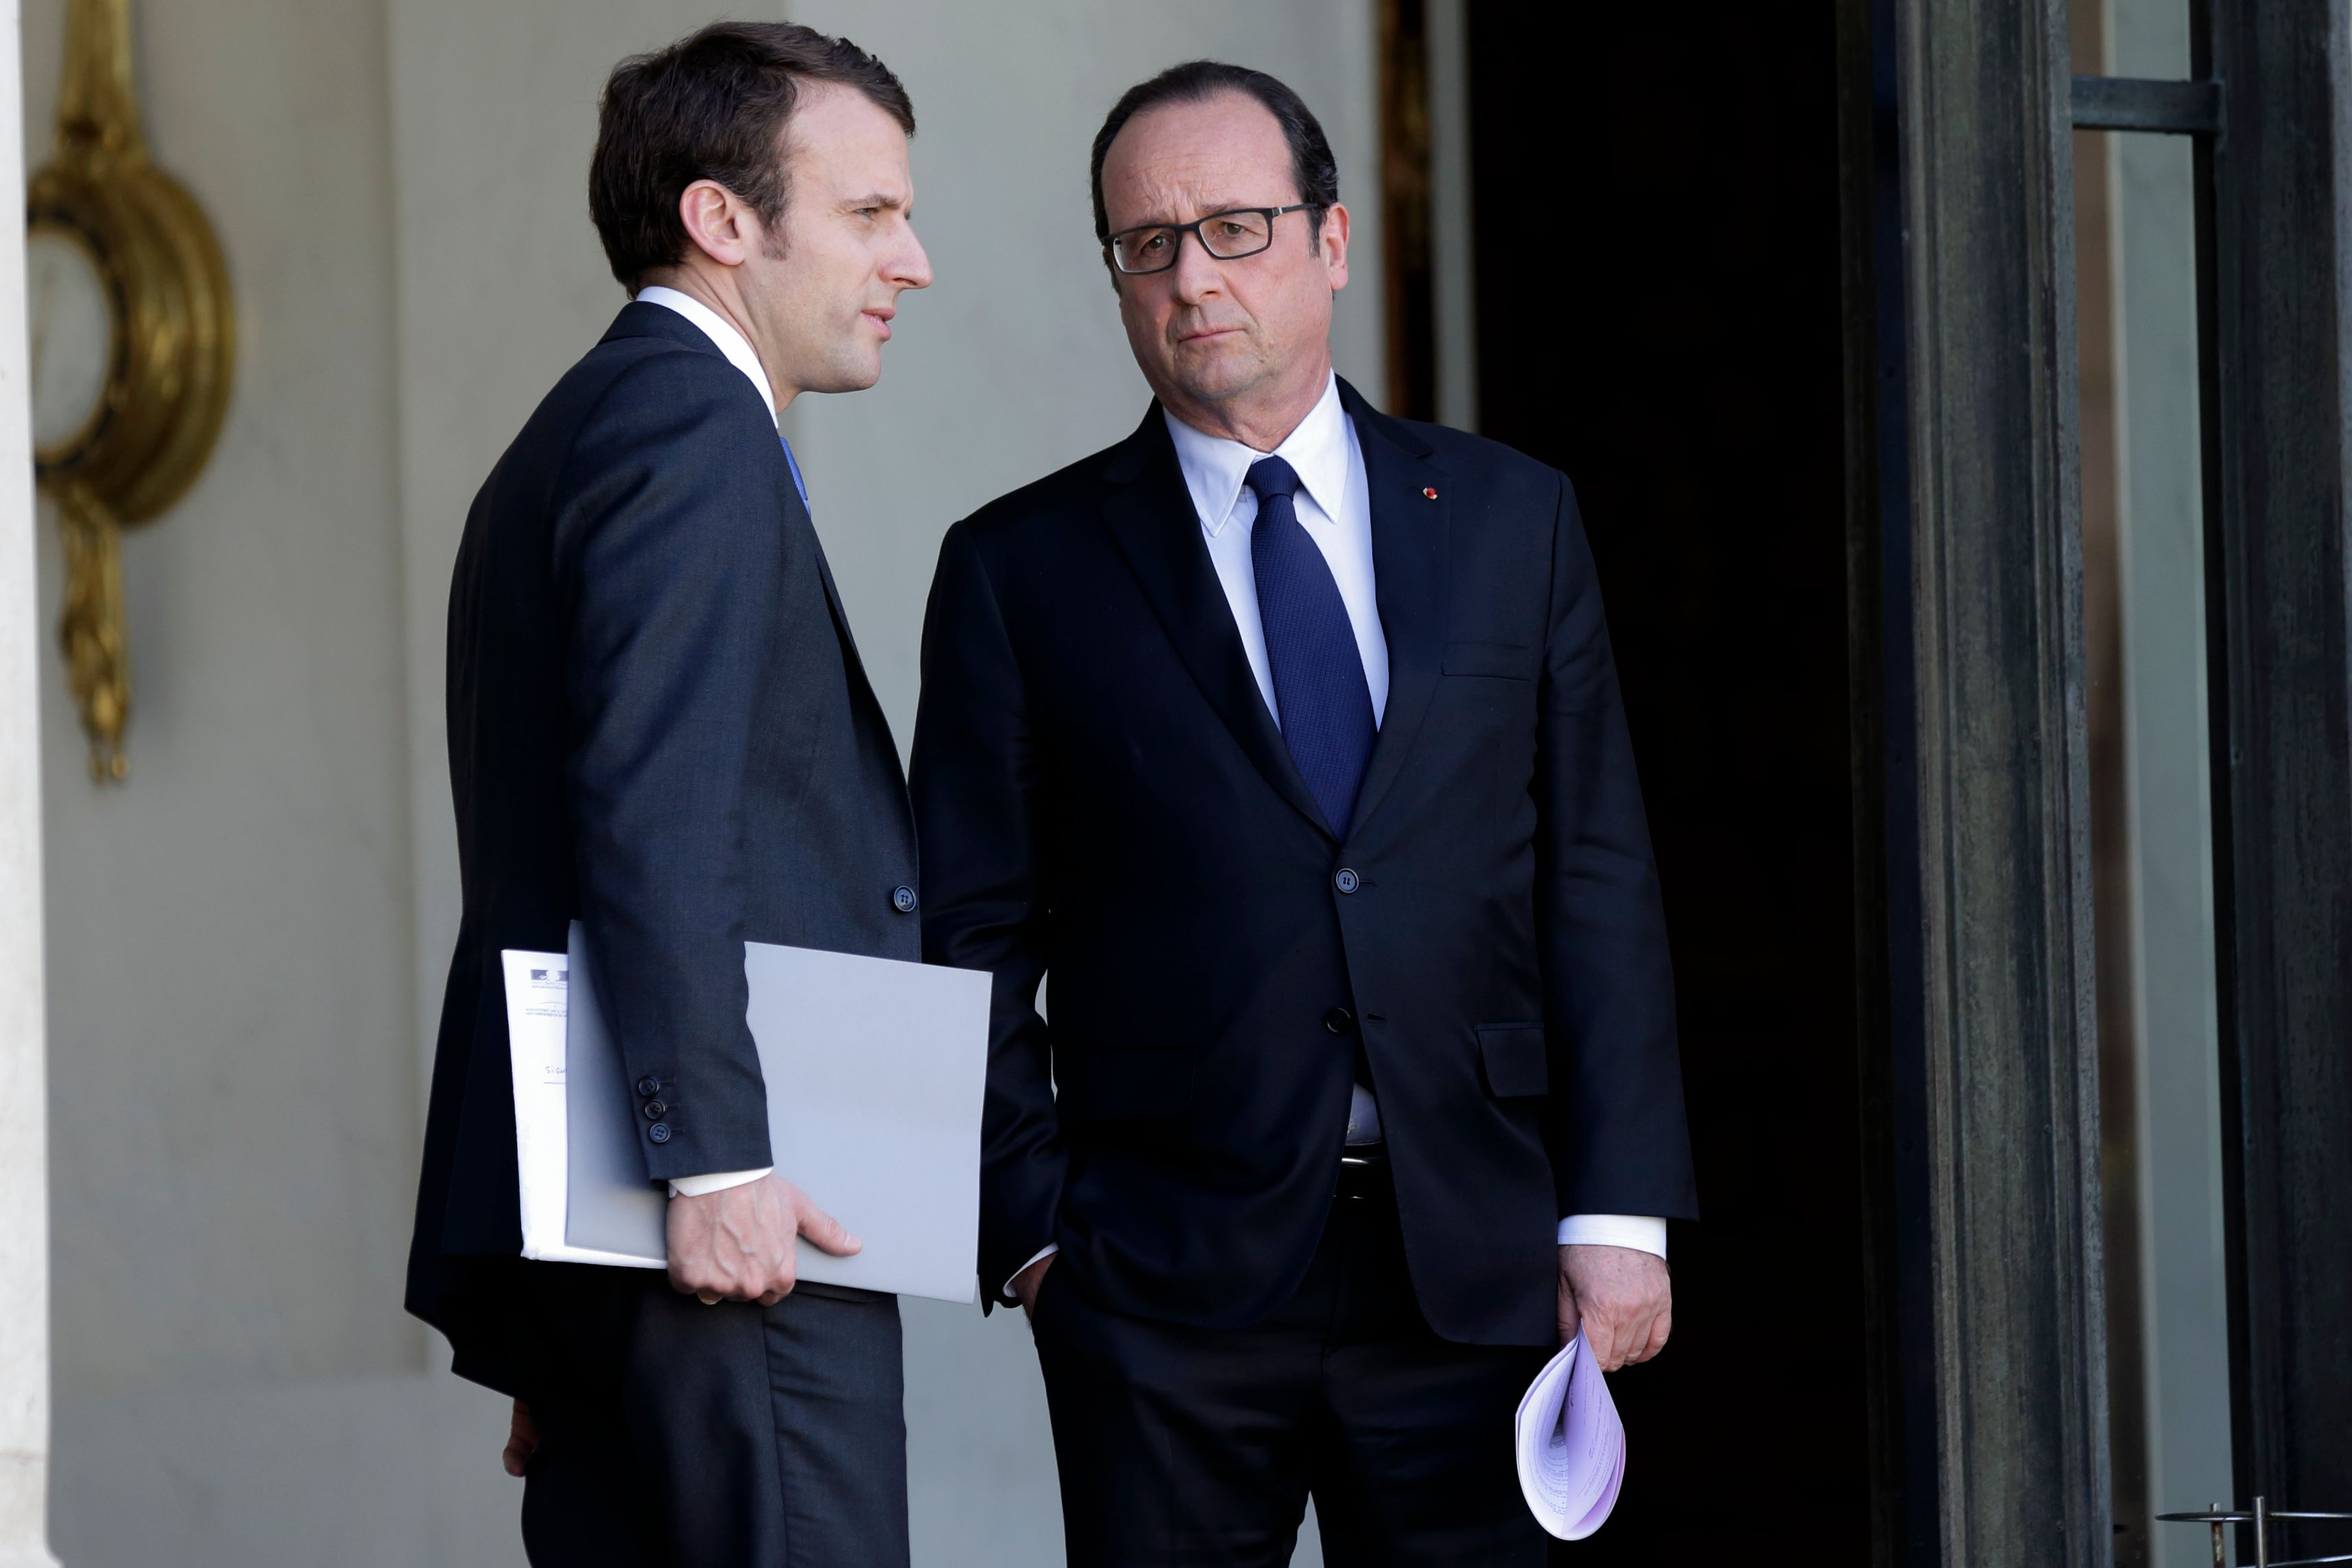 Valls-Bayrou, Hollande-Macron, Le Pen et… : à quelles alliances surprenantes pourrions-nous assister en 2017 ?